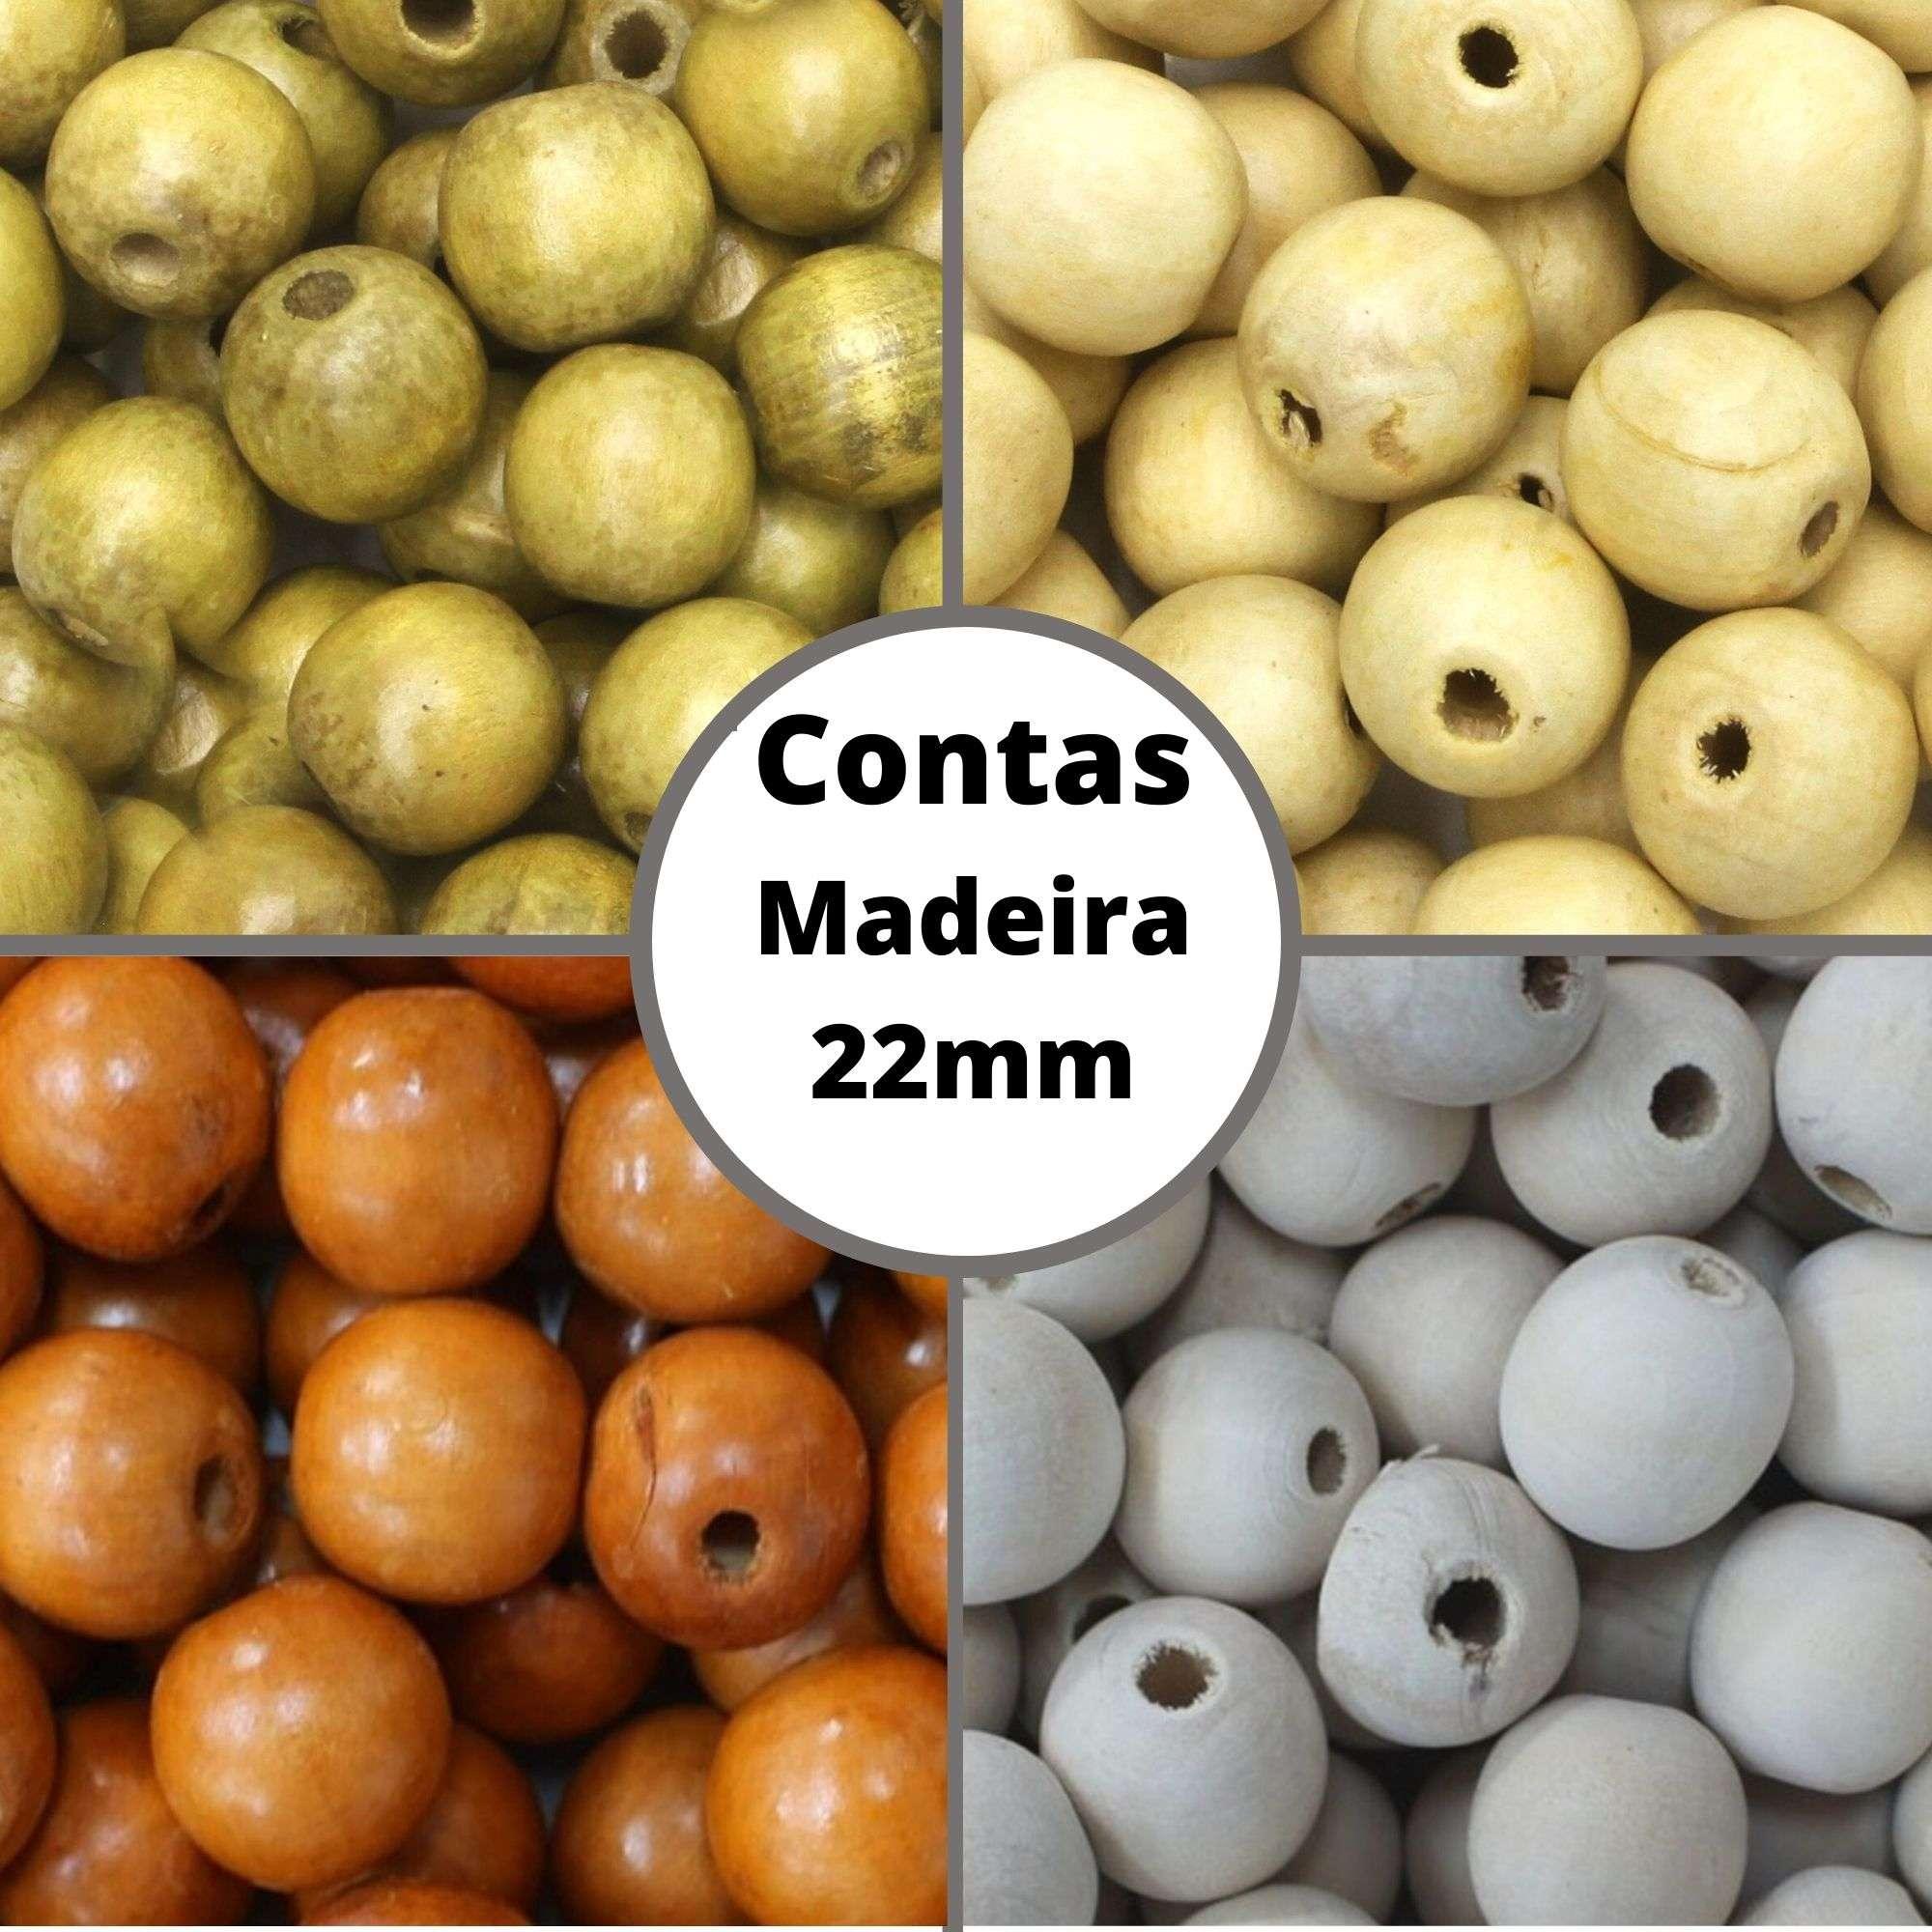 Conta de Madeira 22mm AS3705 100 unidades